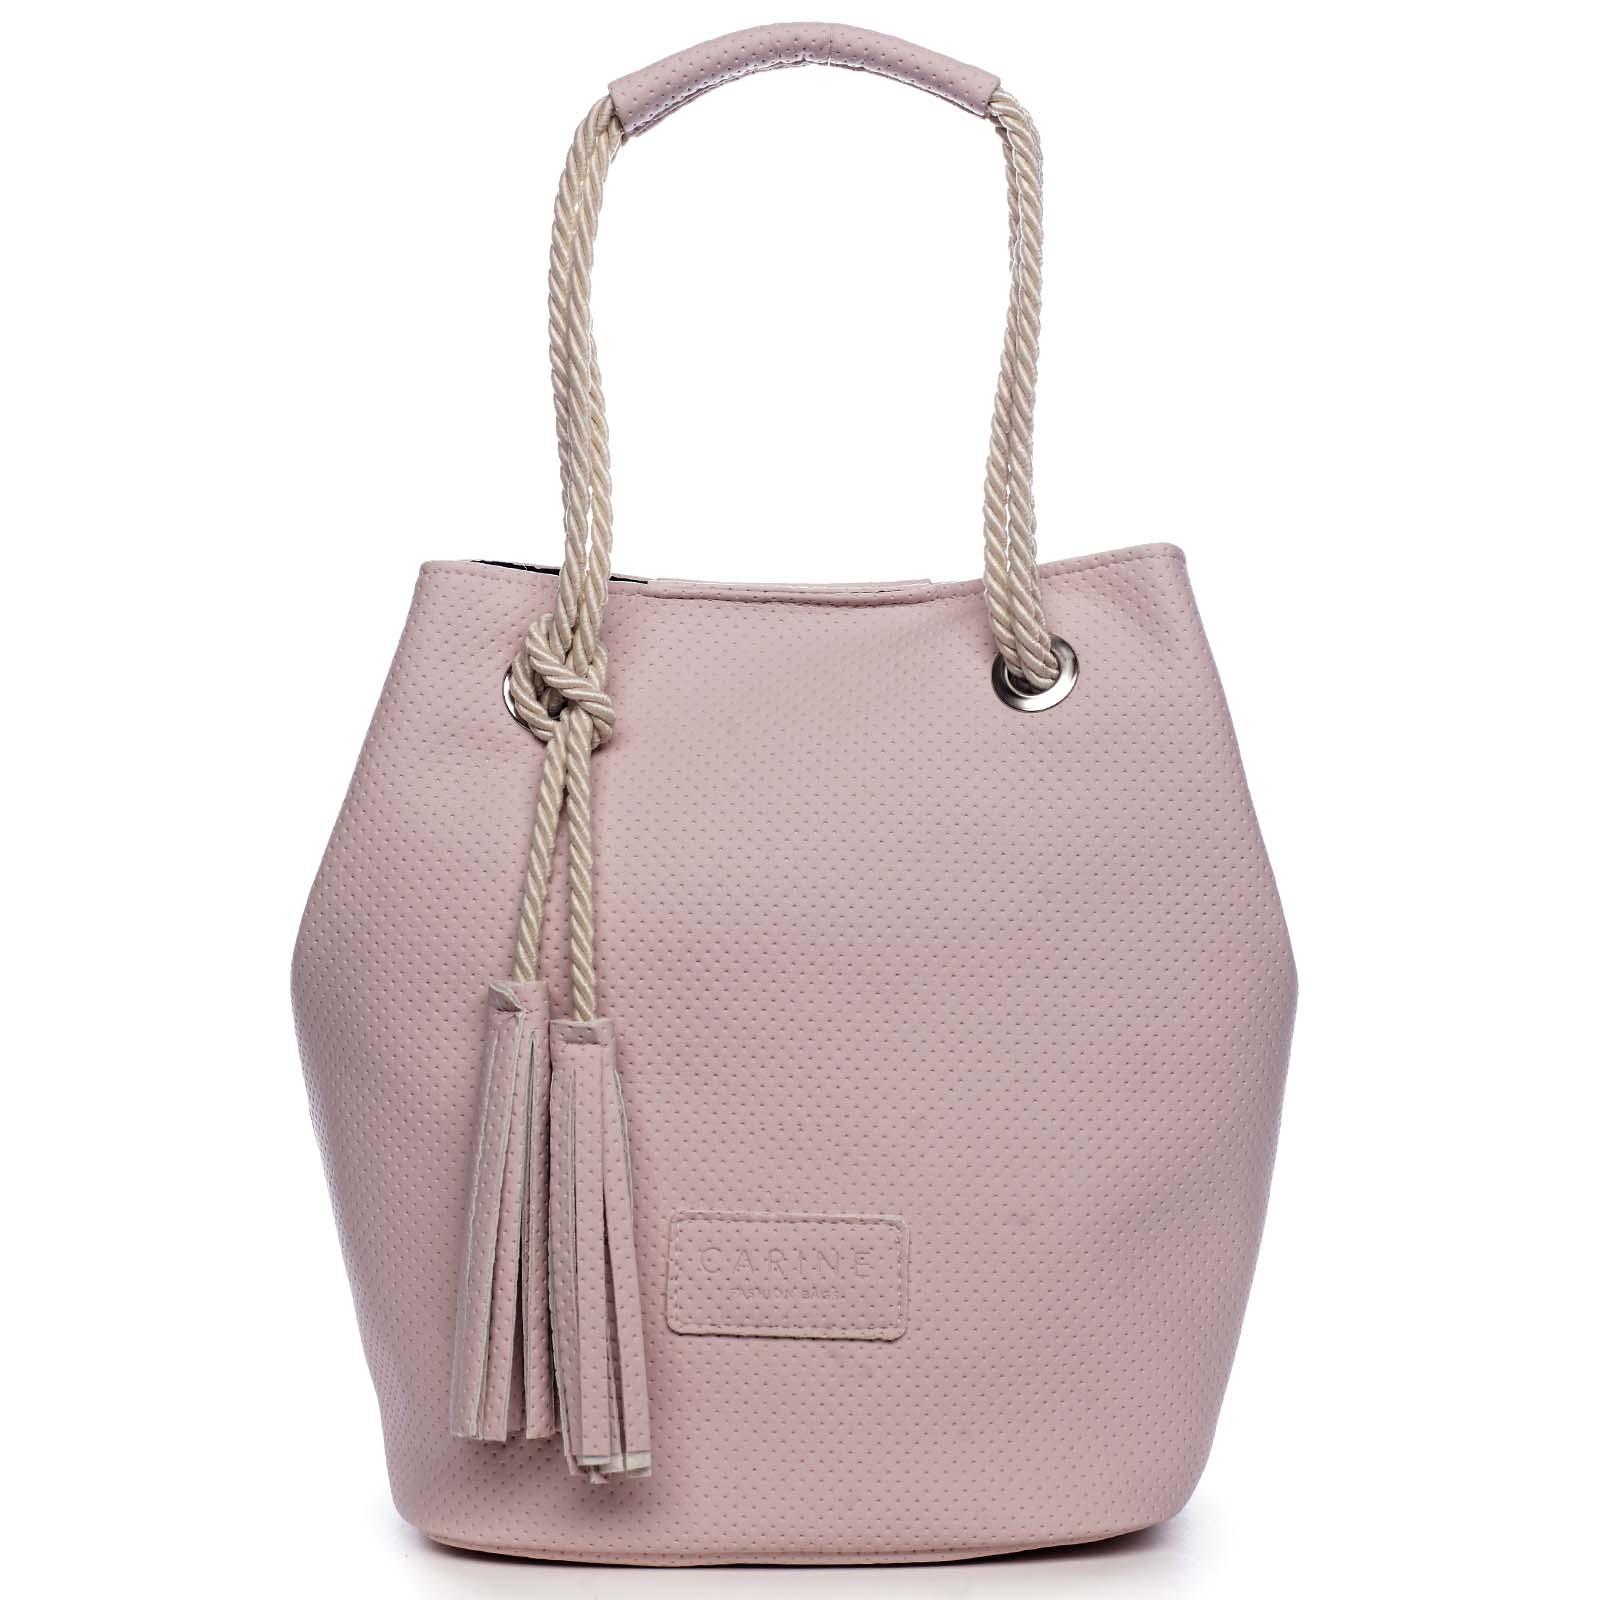 Dámská kabelka světle růžová - Carine C2000 růžová